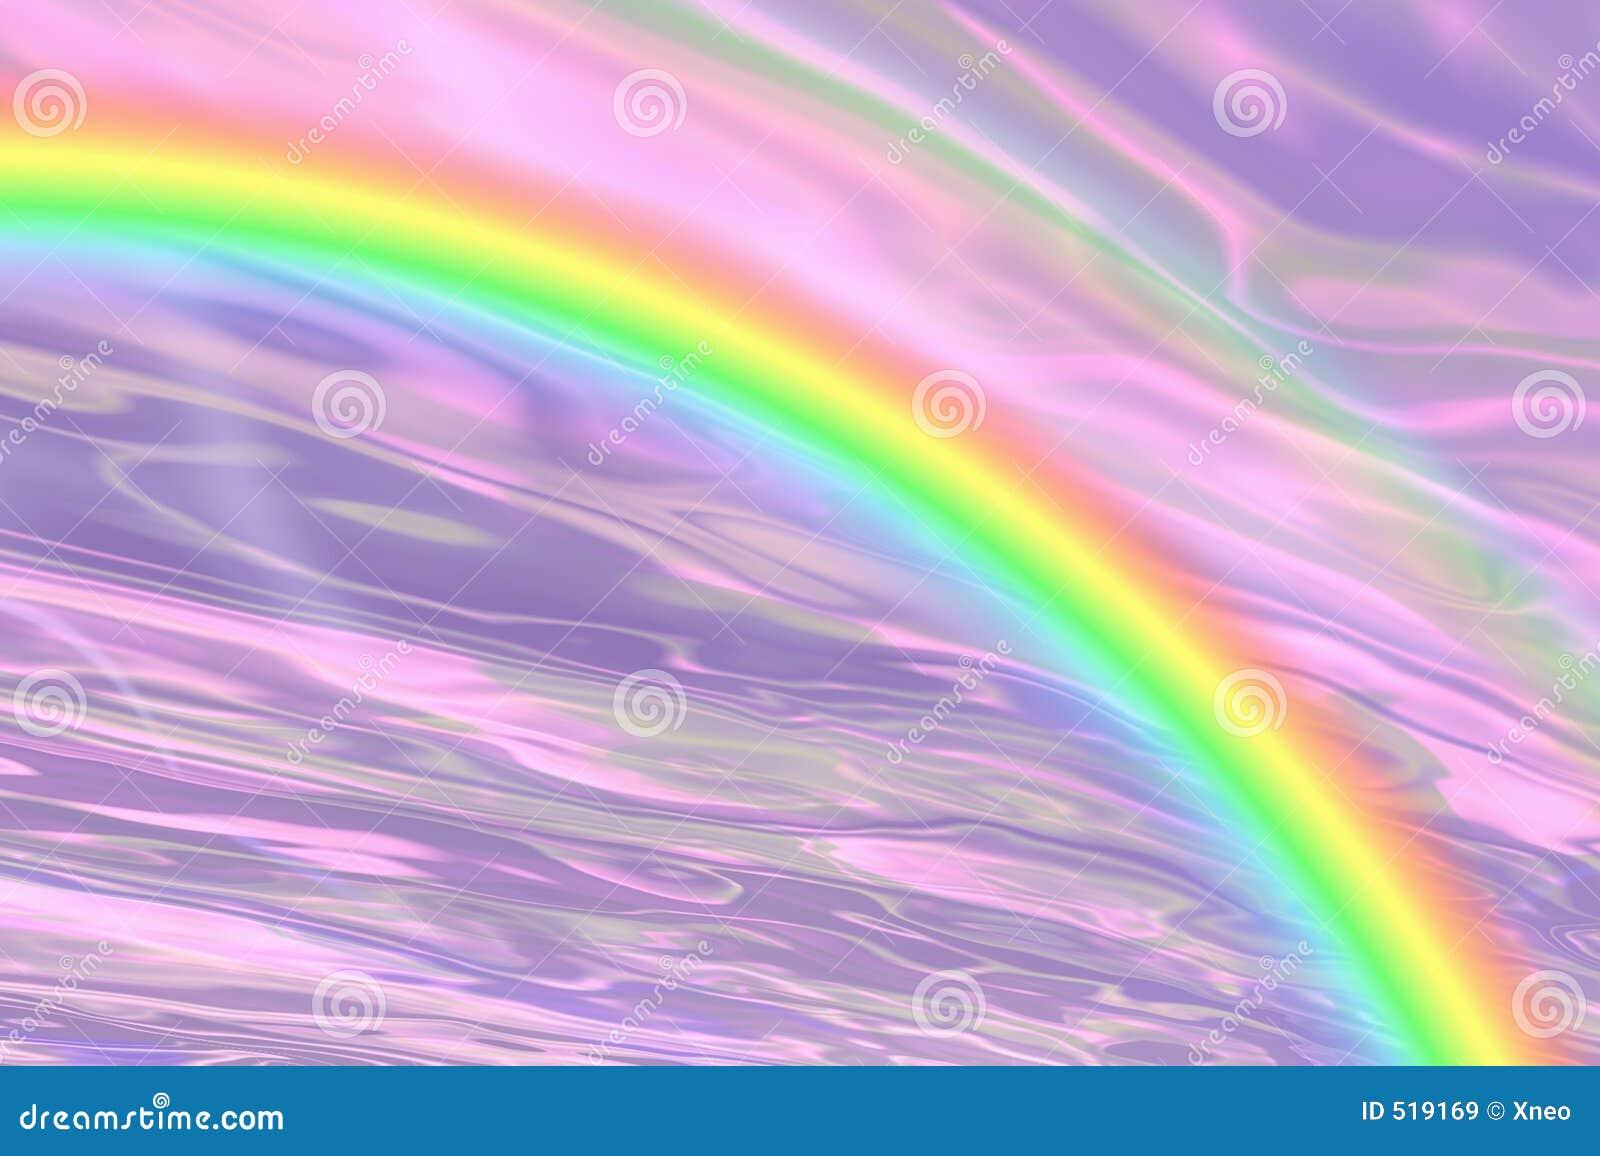 Fantasia do arco-íris!